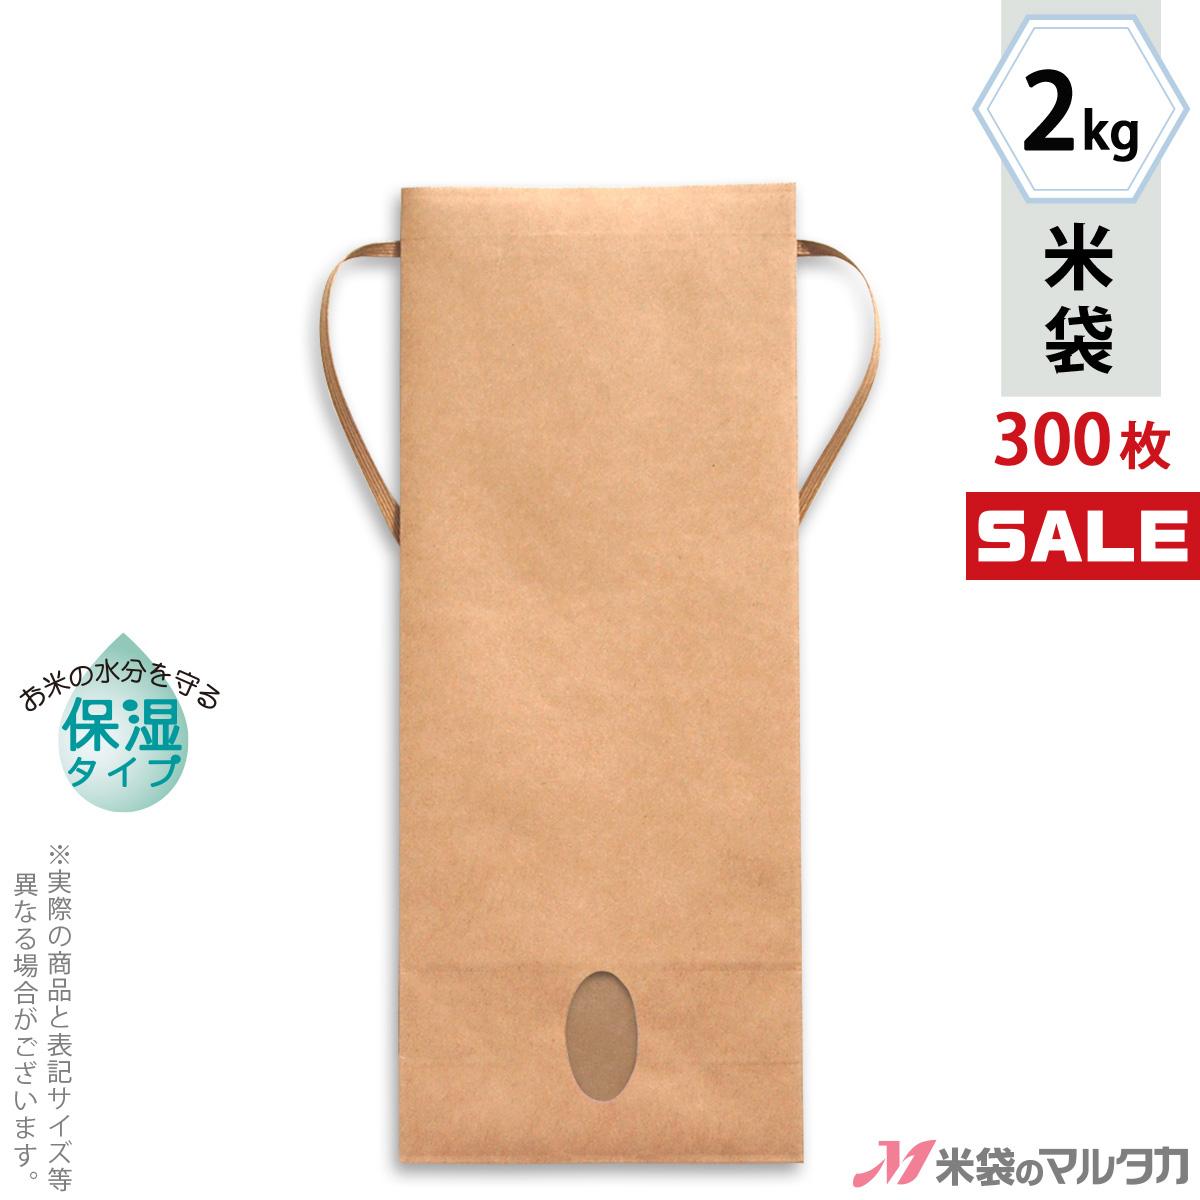 <キャンペーン対応>米袋 KHP-830 マルタカ クラフトSP 保湿タイプ 無地 窓付 角底 2kg用紐付 【米袋 2kg】【1ケース(300枚入)】